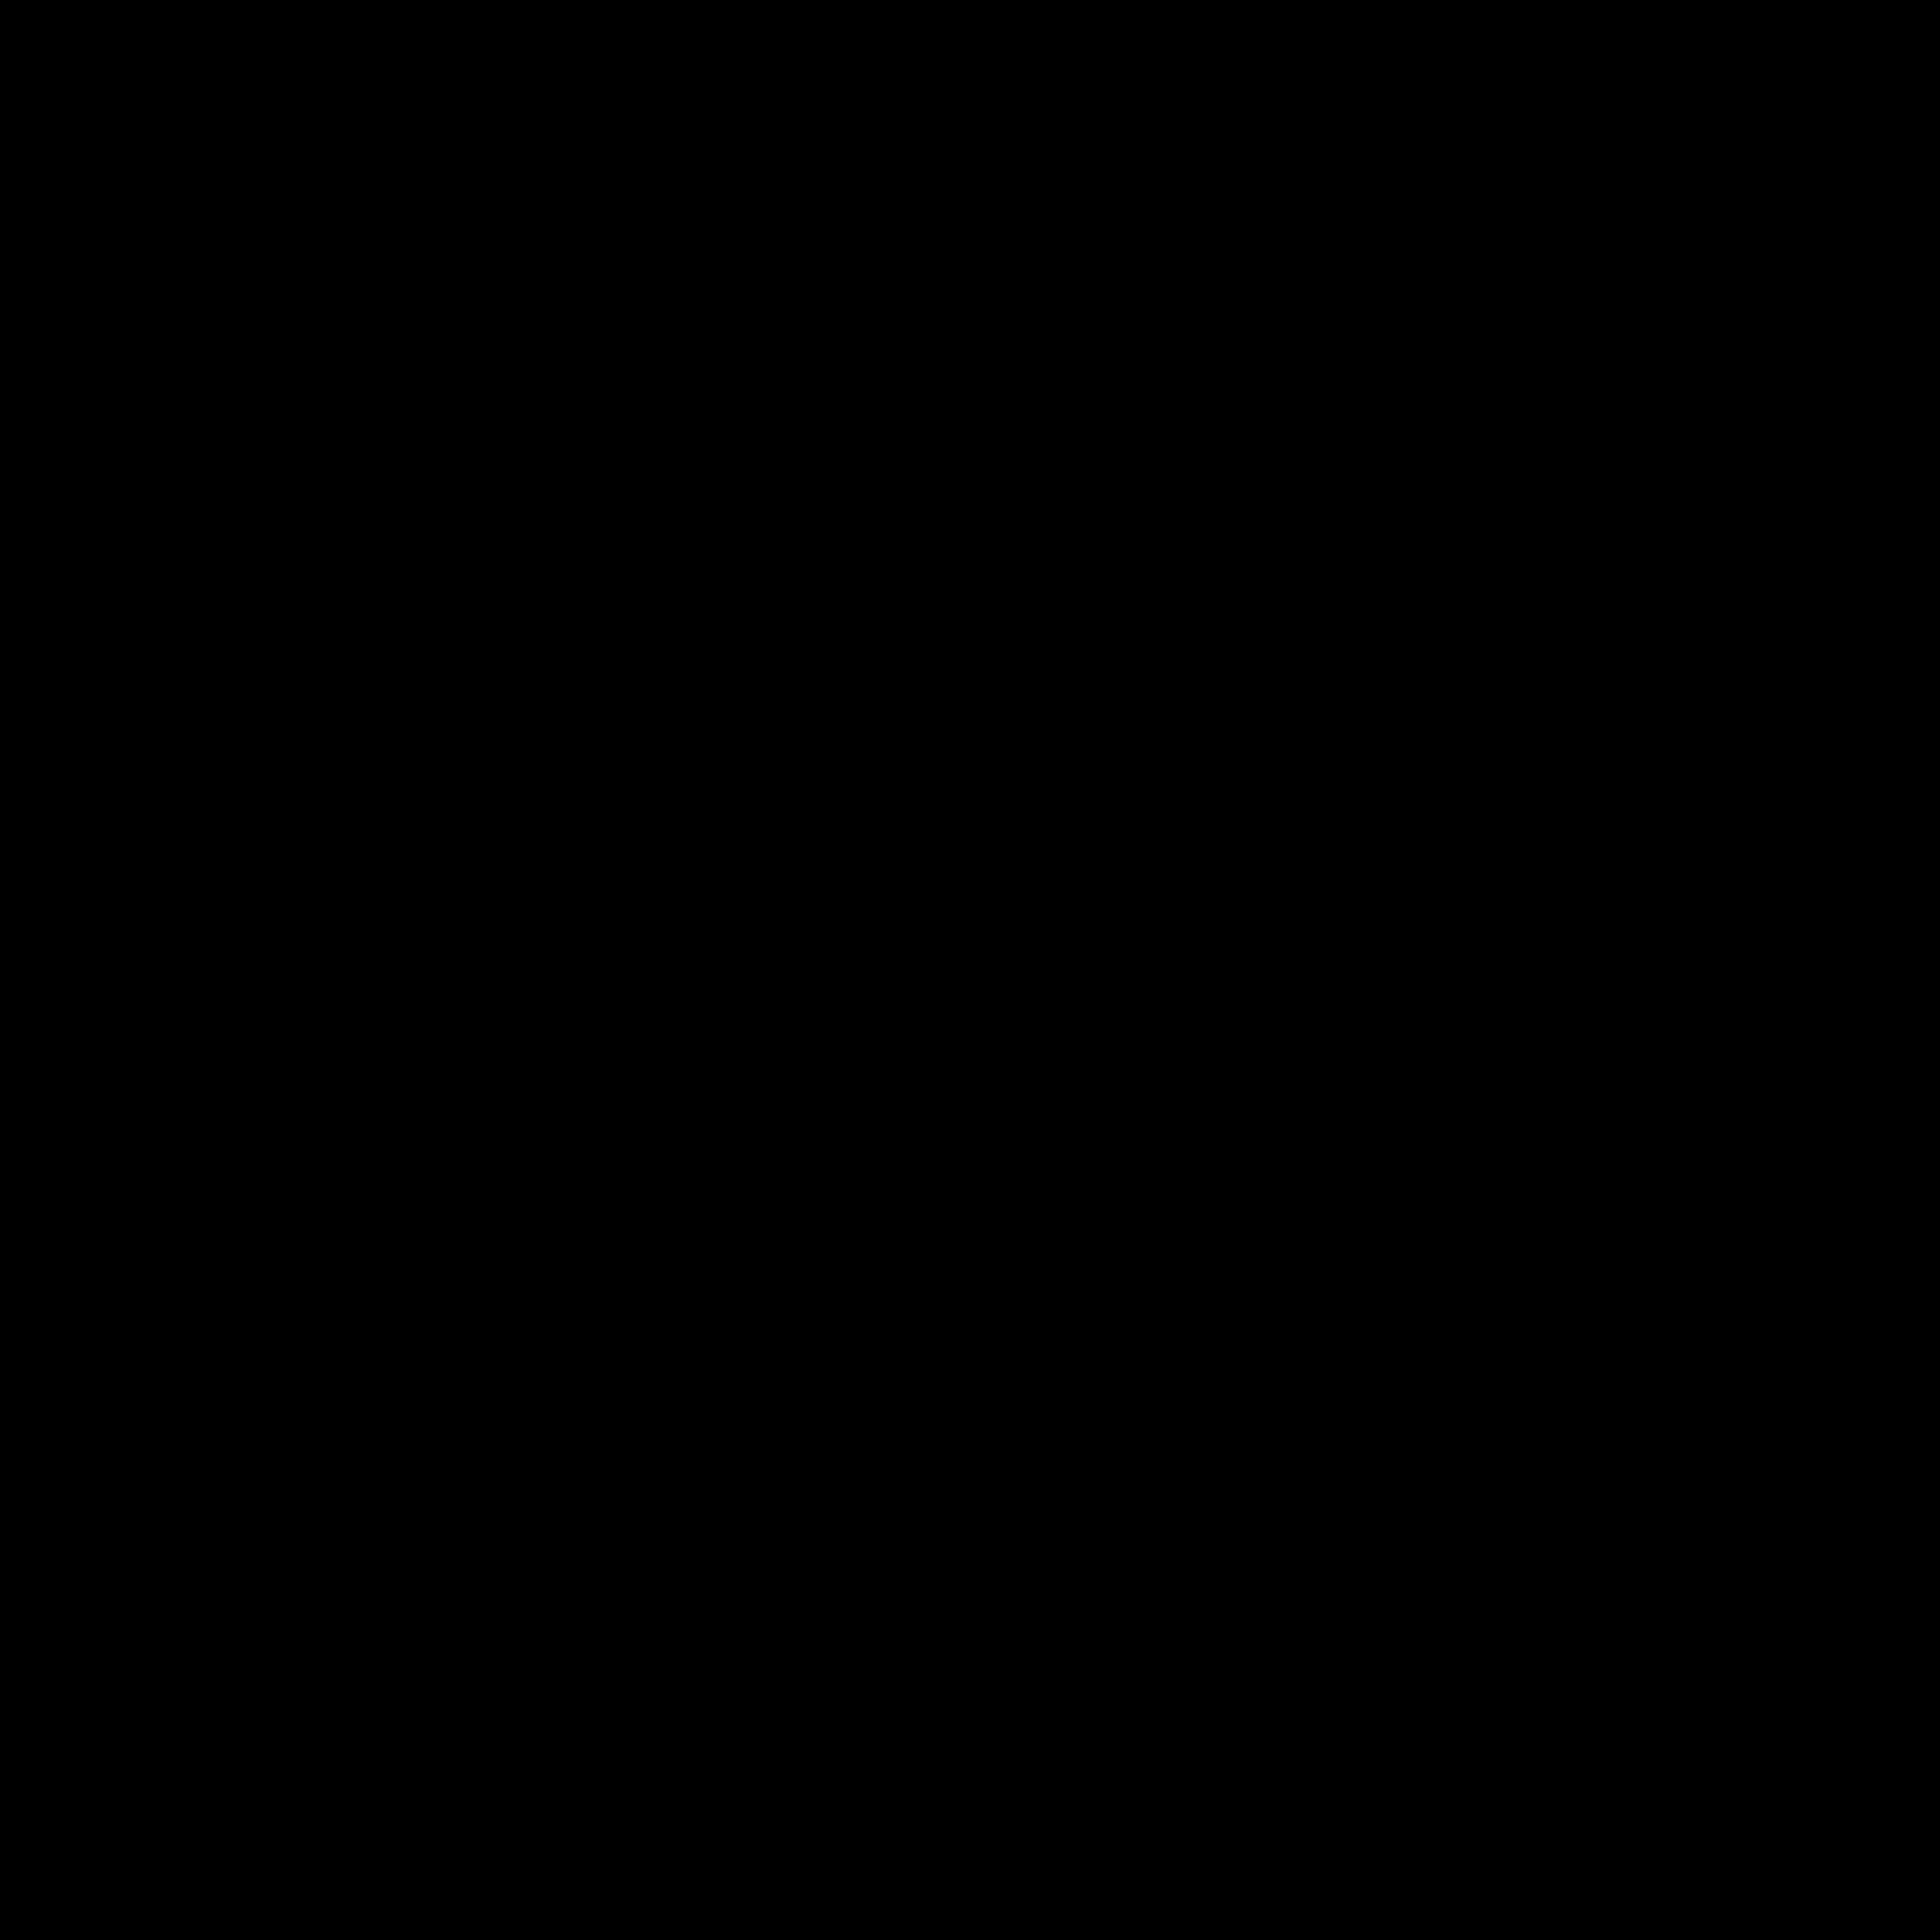 File icon svg wikimedia. Pioneer clipart bullock cart